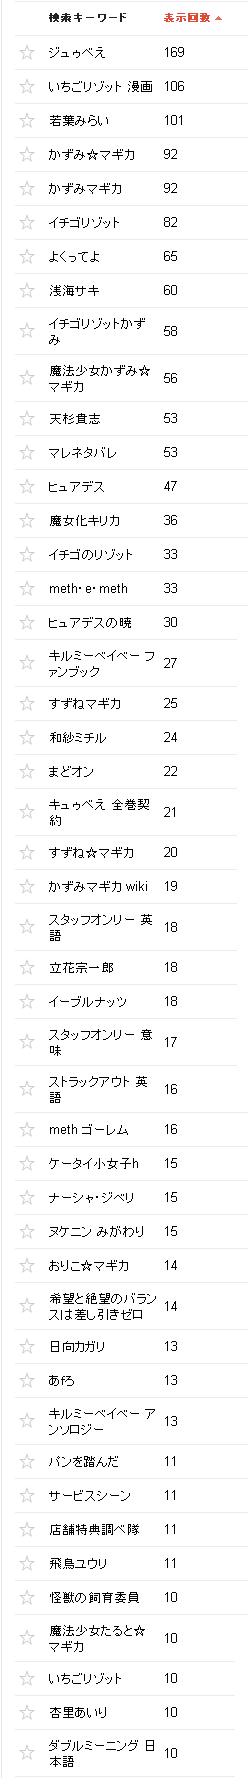 2015/06/02の検索クエリ一覧(ウェブマスターツール)の上位